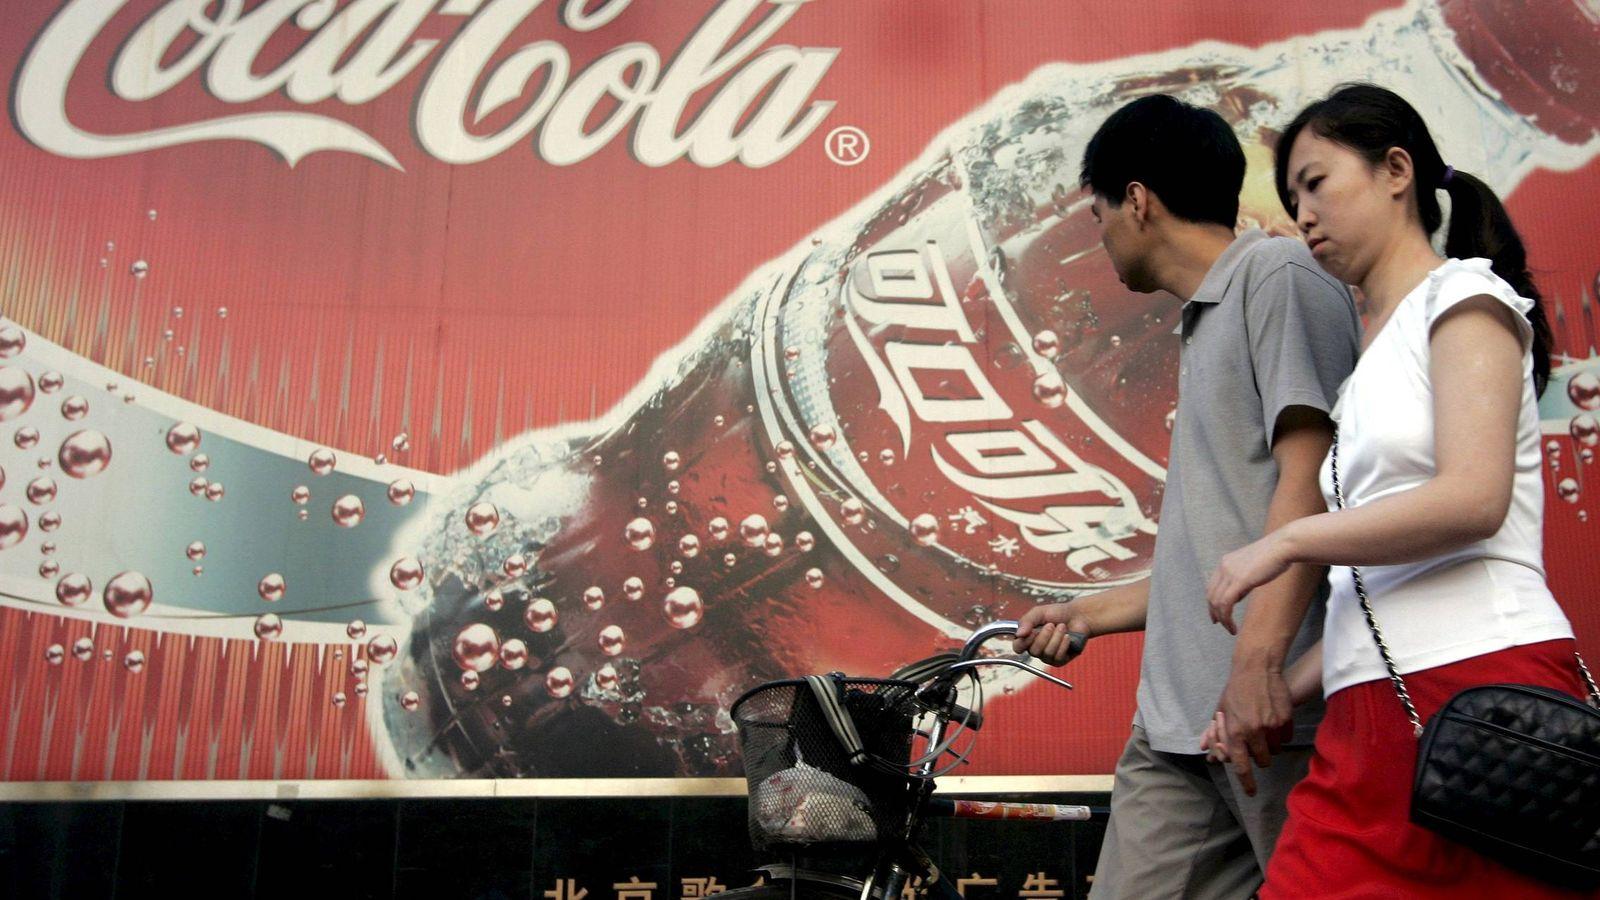 Foto: China y la diversificación disparan a Coca-Cola a máximos históricos